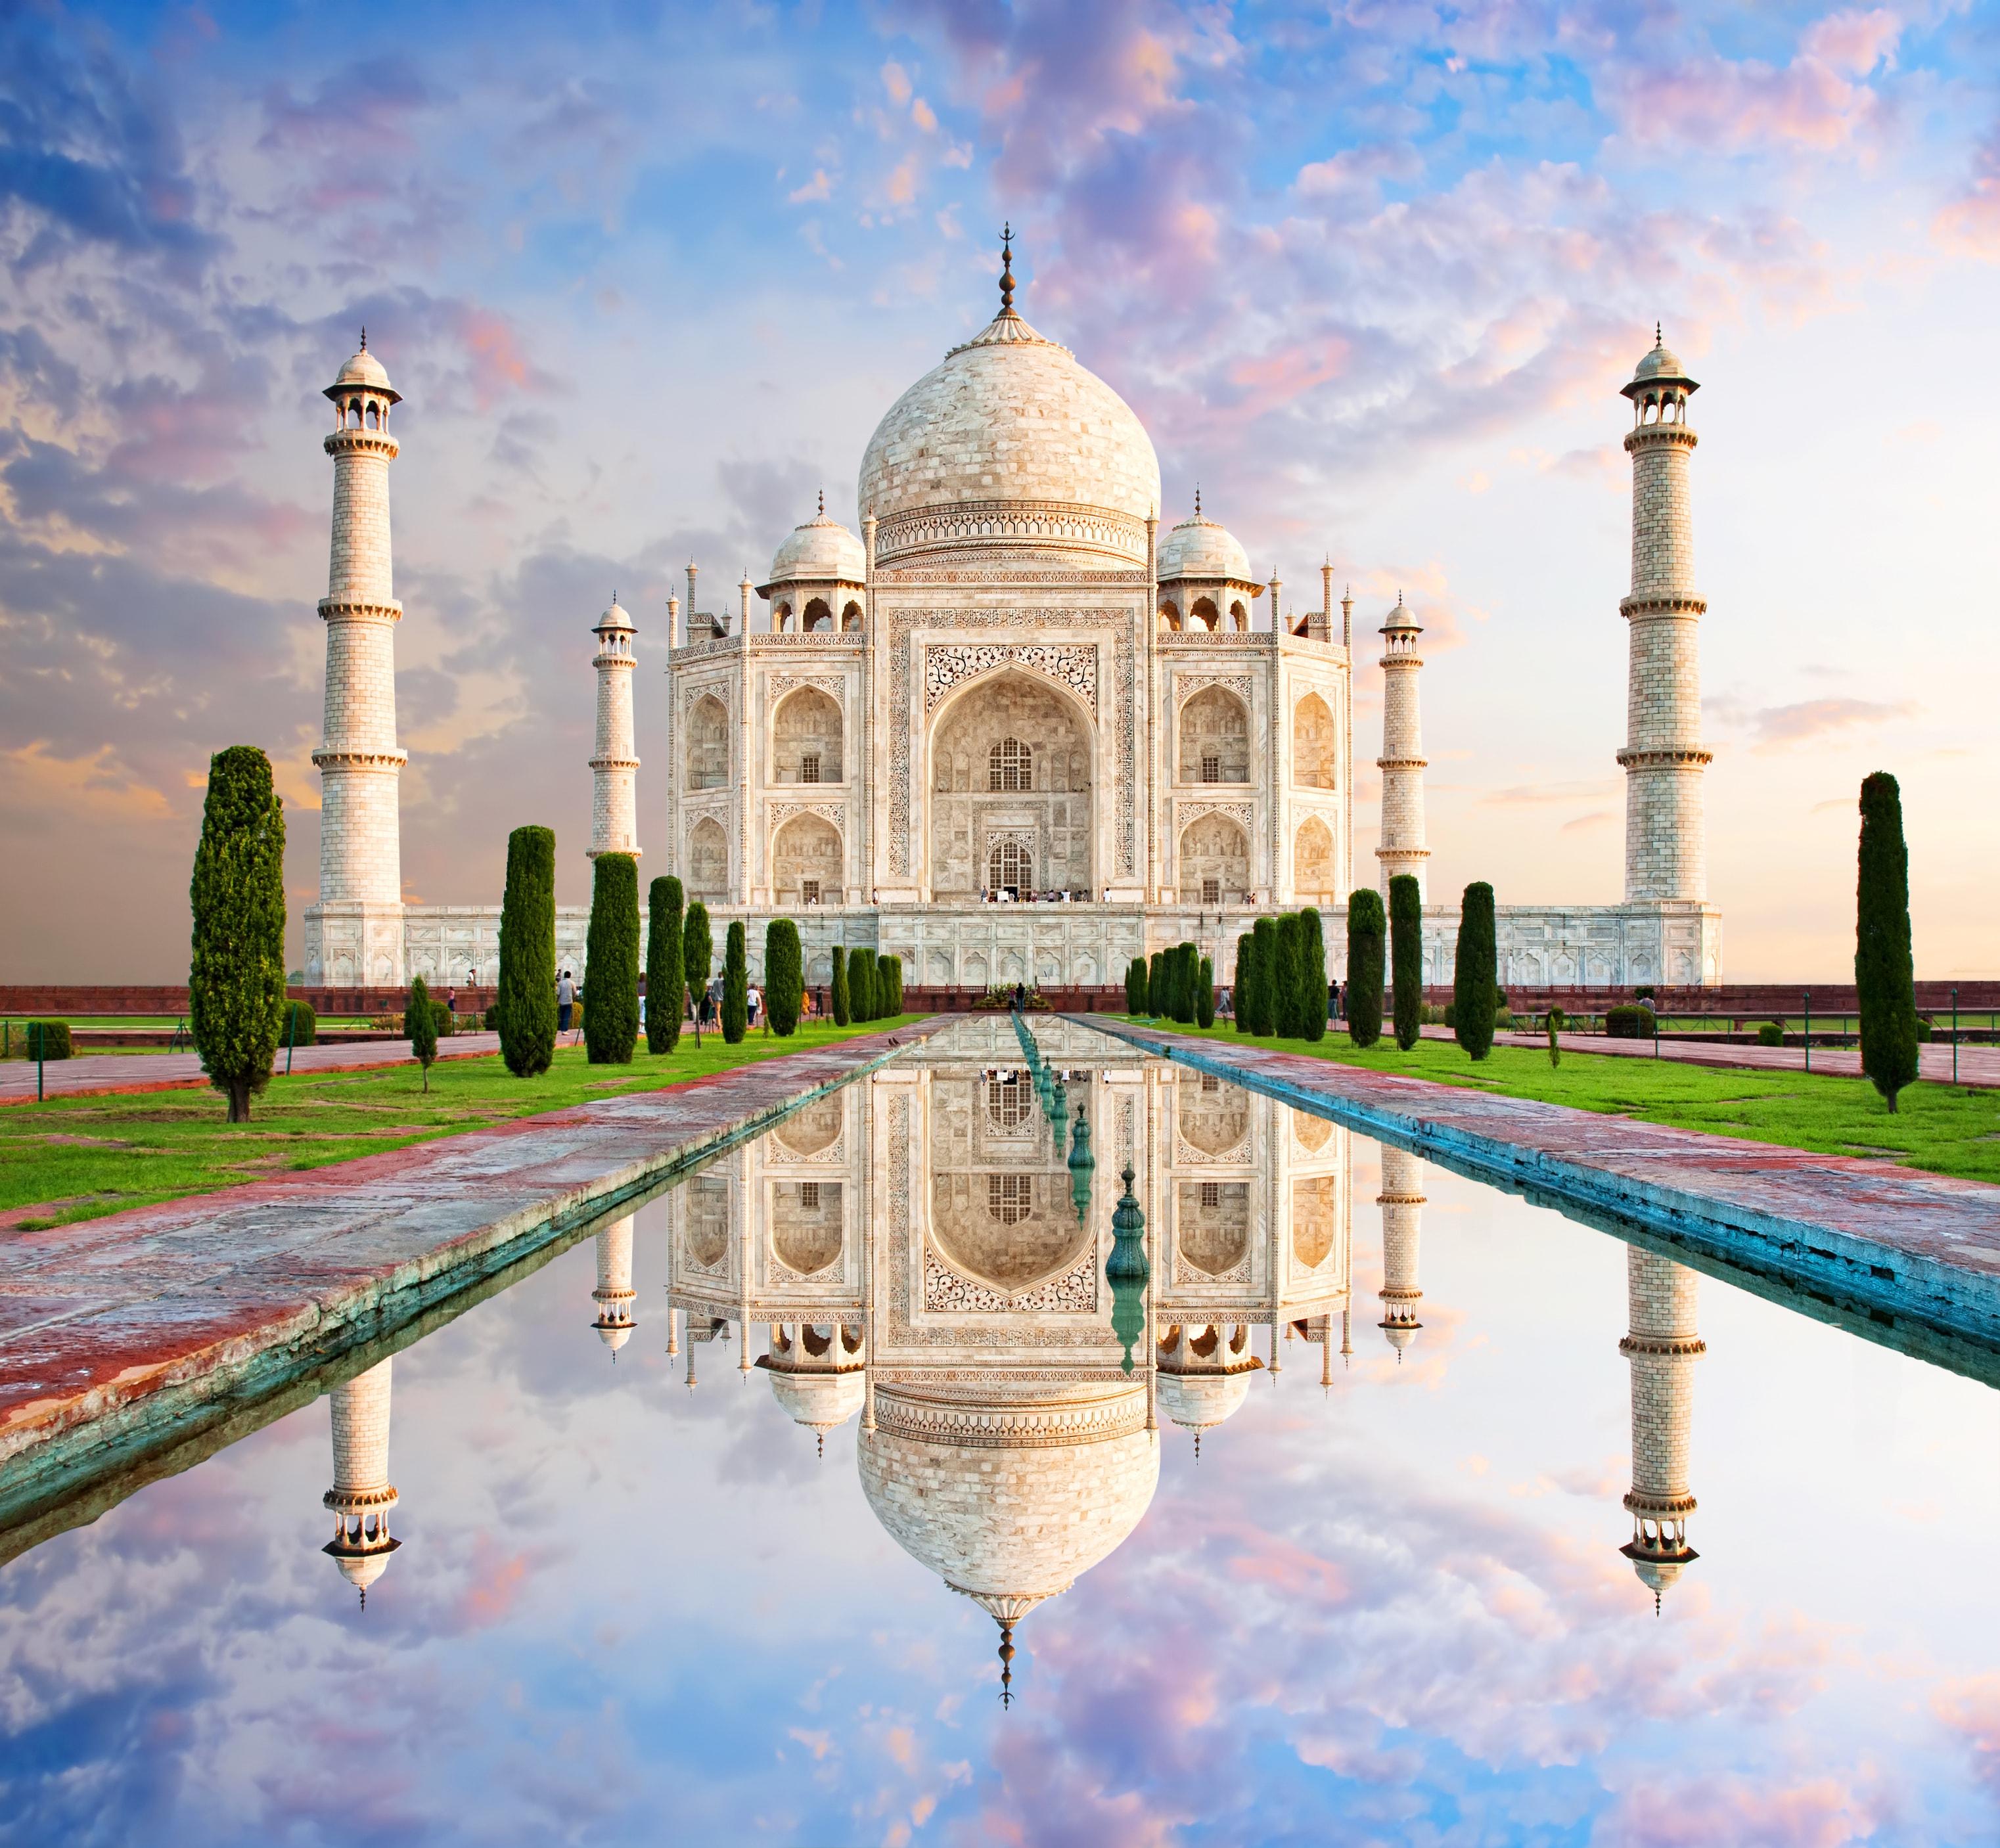 Taj Mahal Ilomantsi